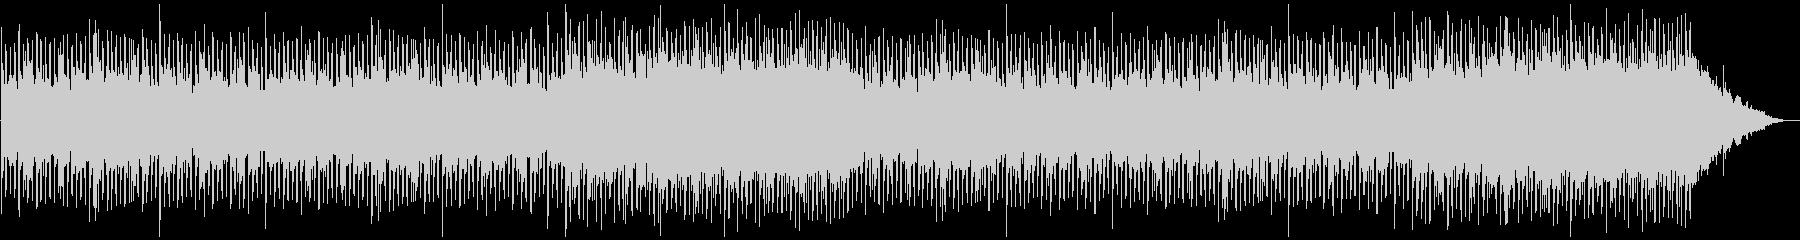 Corporate Guitar 148の未再生の波形